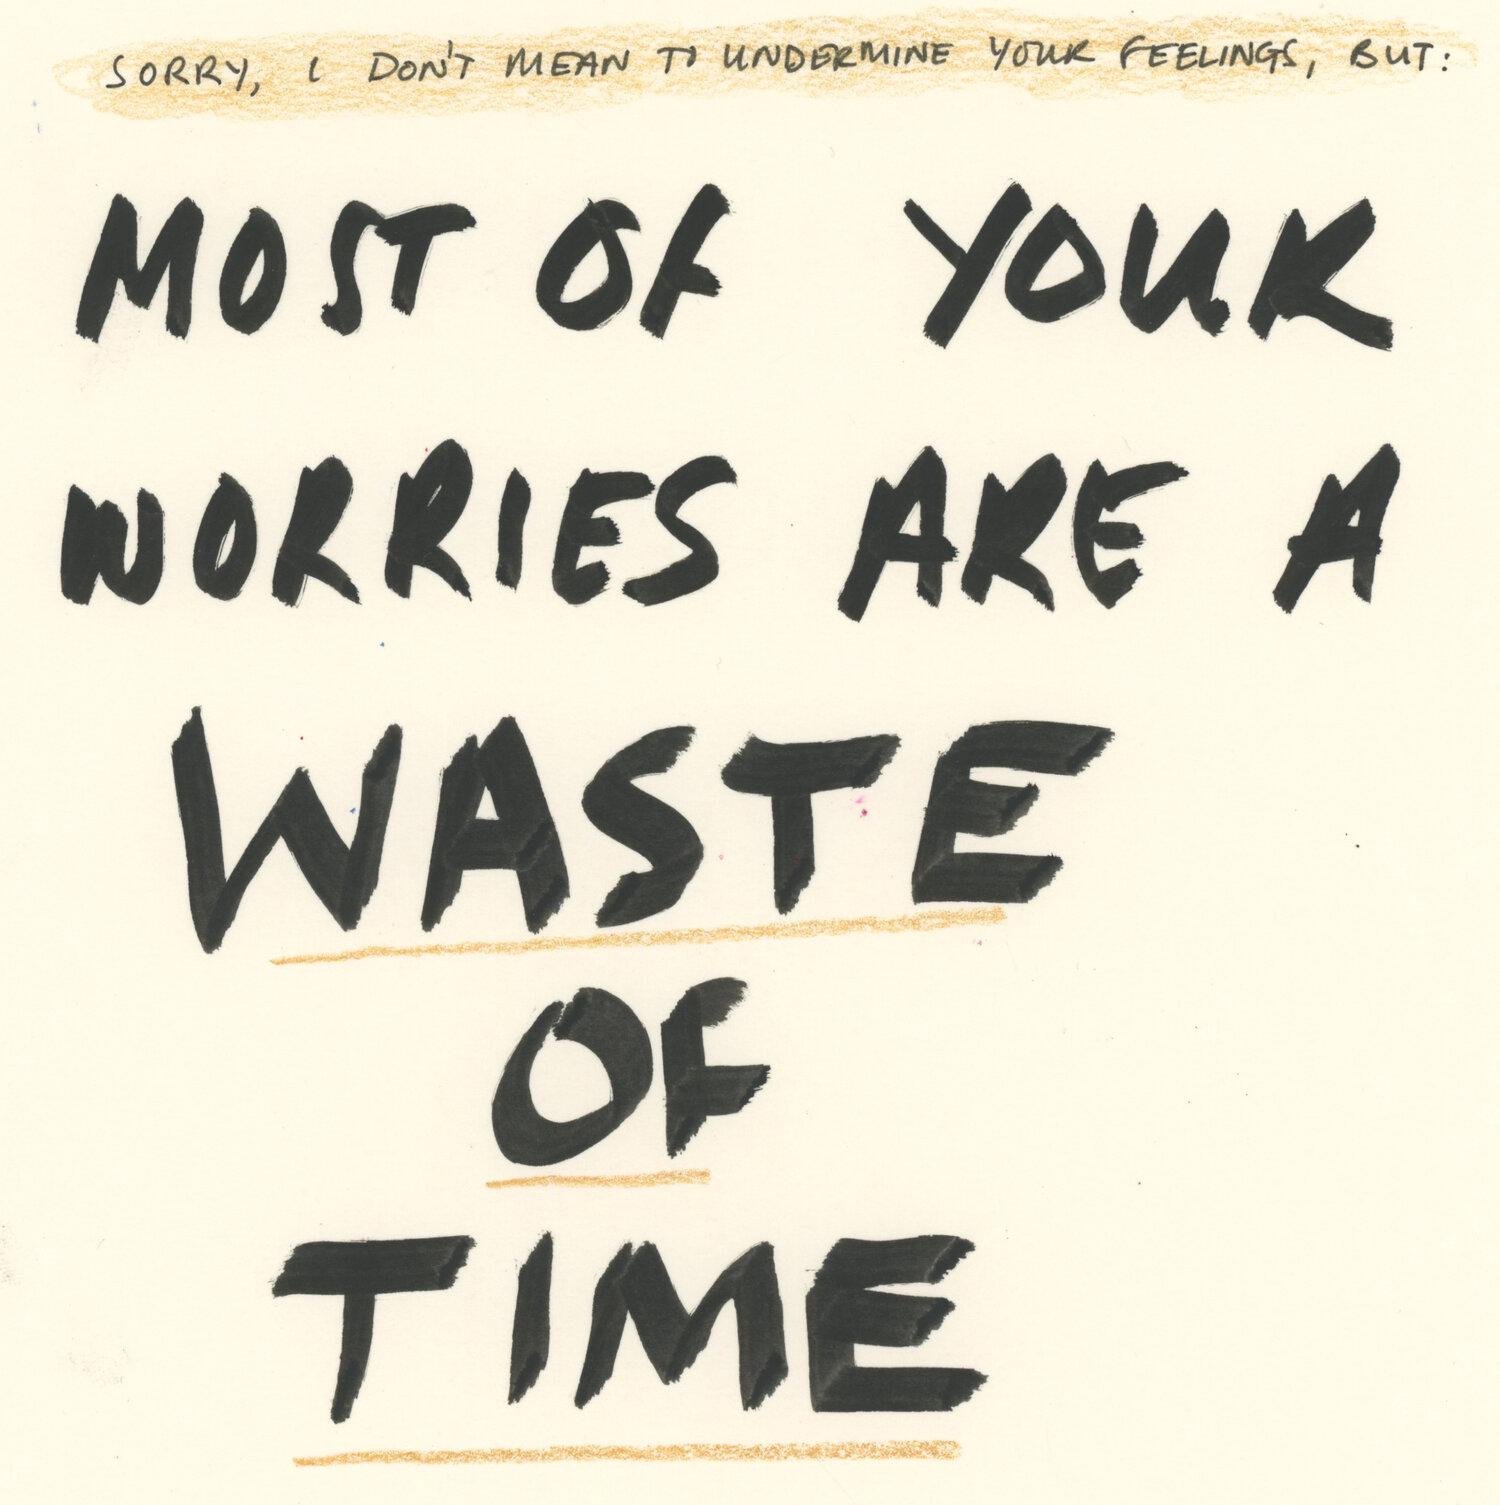 Your Worries